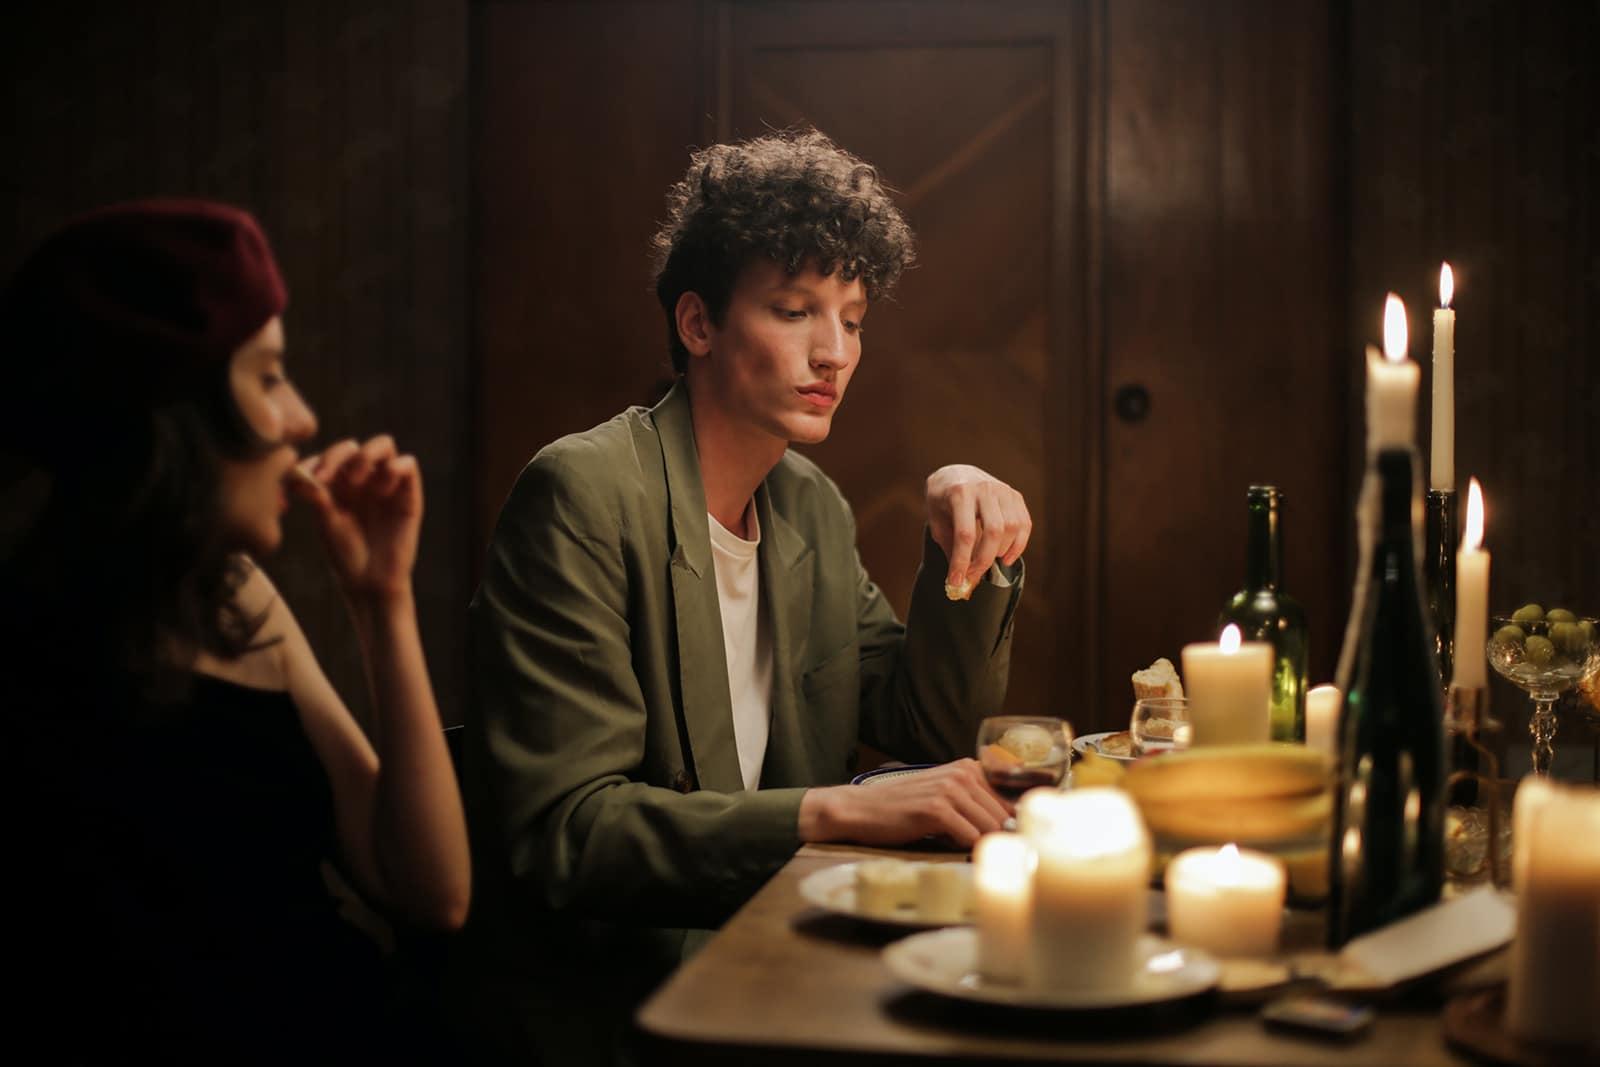 Ein Mann und eine Frau essen zu Hause romantisch zu Abend